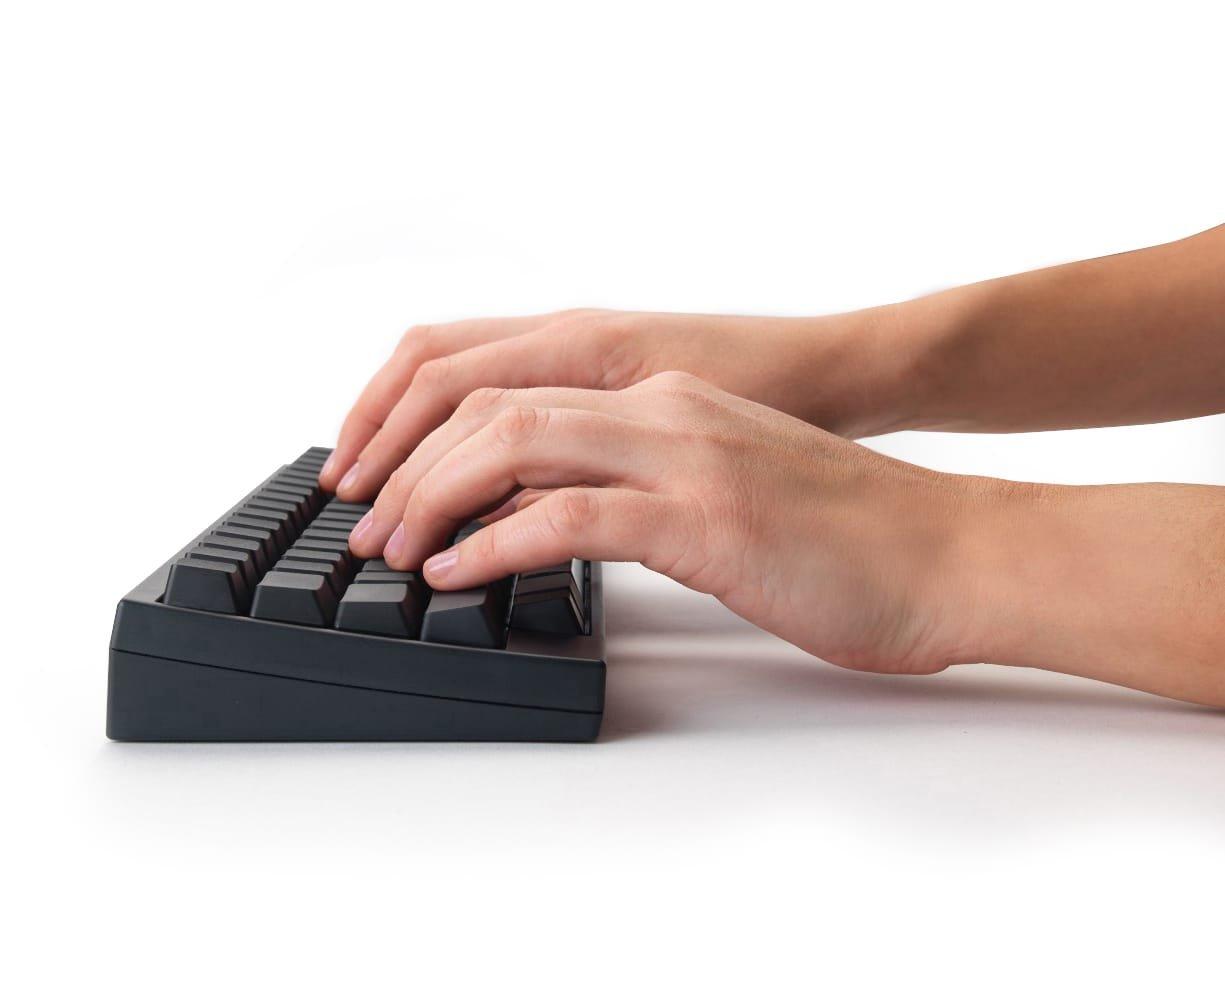 Happy Hacking Keyboard Professional - Teclado (2 años): Amazon.es: Electrónica